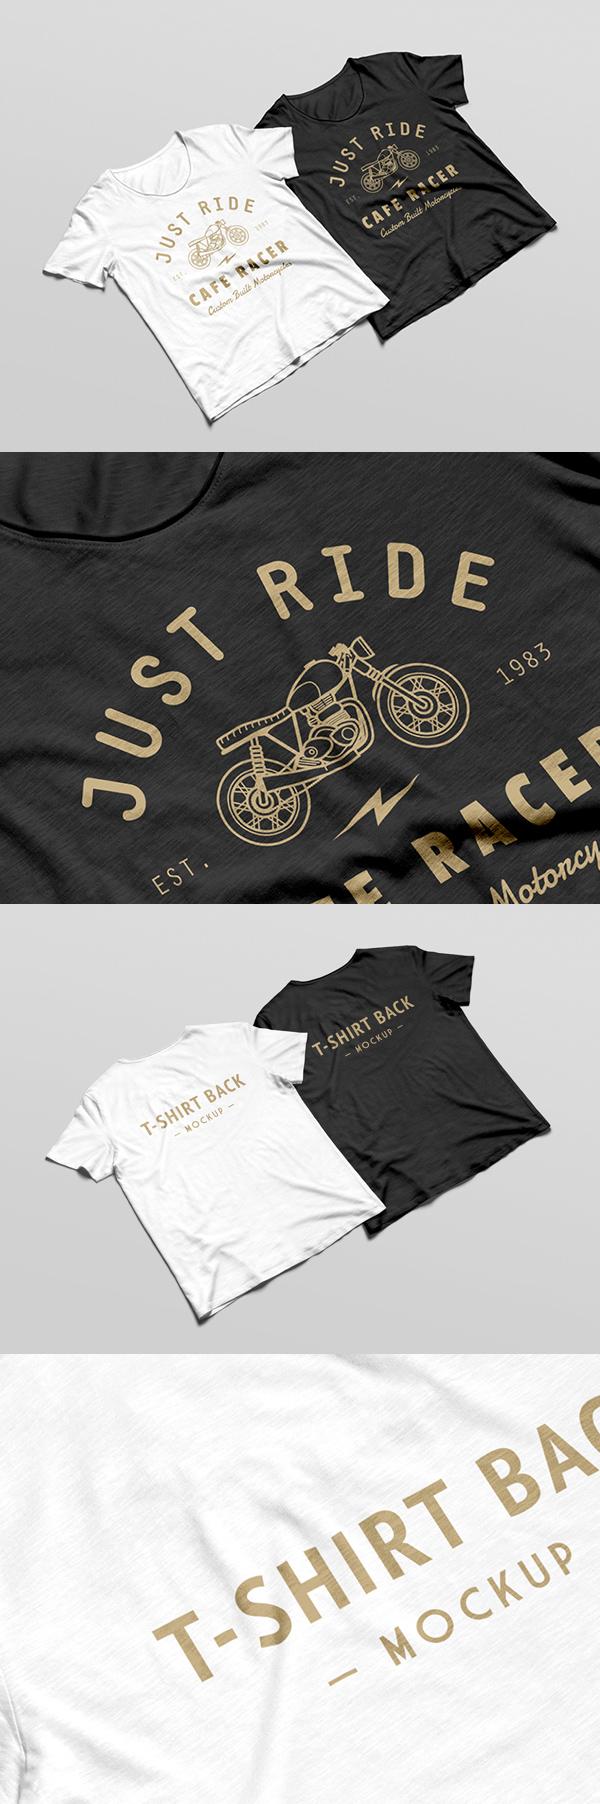 [Imagen: T-shirt-MockUp-PSD-3-600.jpg]